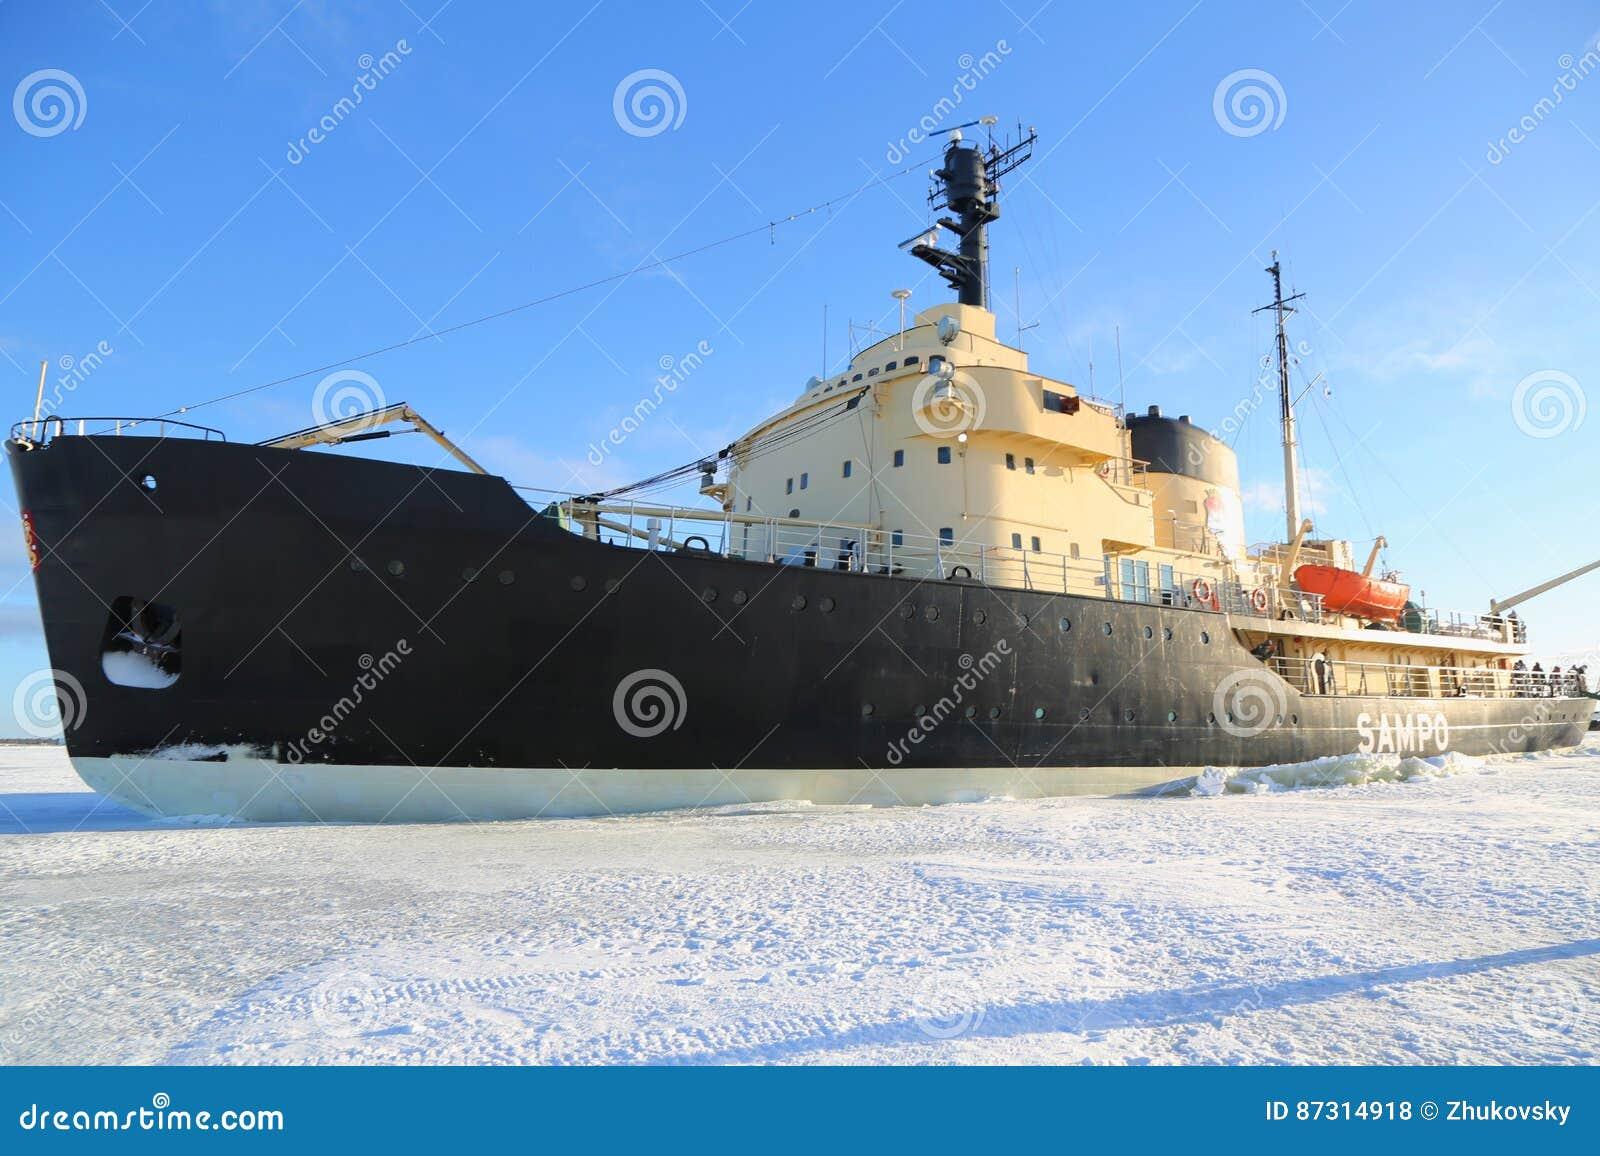 Icebreaker Sampo podczas unikalnego rejsu w zamarzniętym morzu bałtyckim